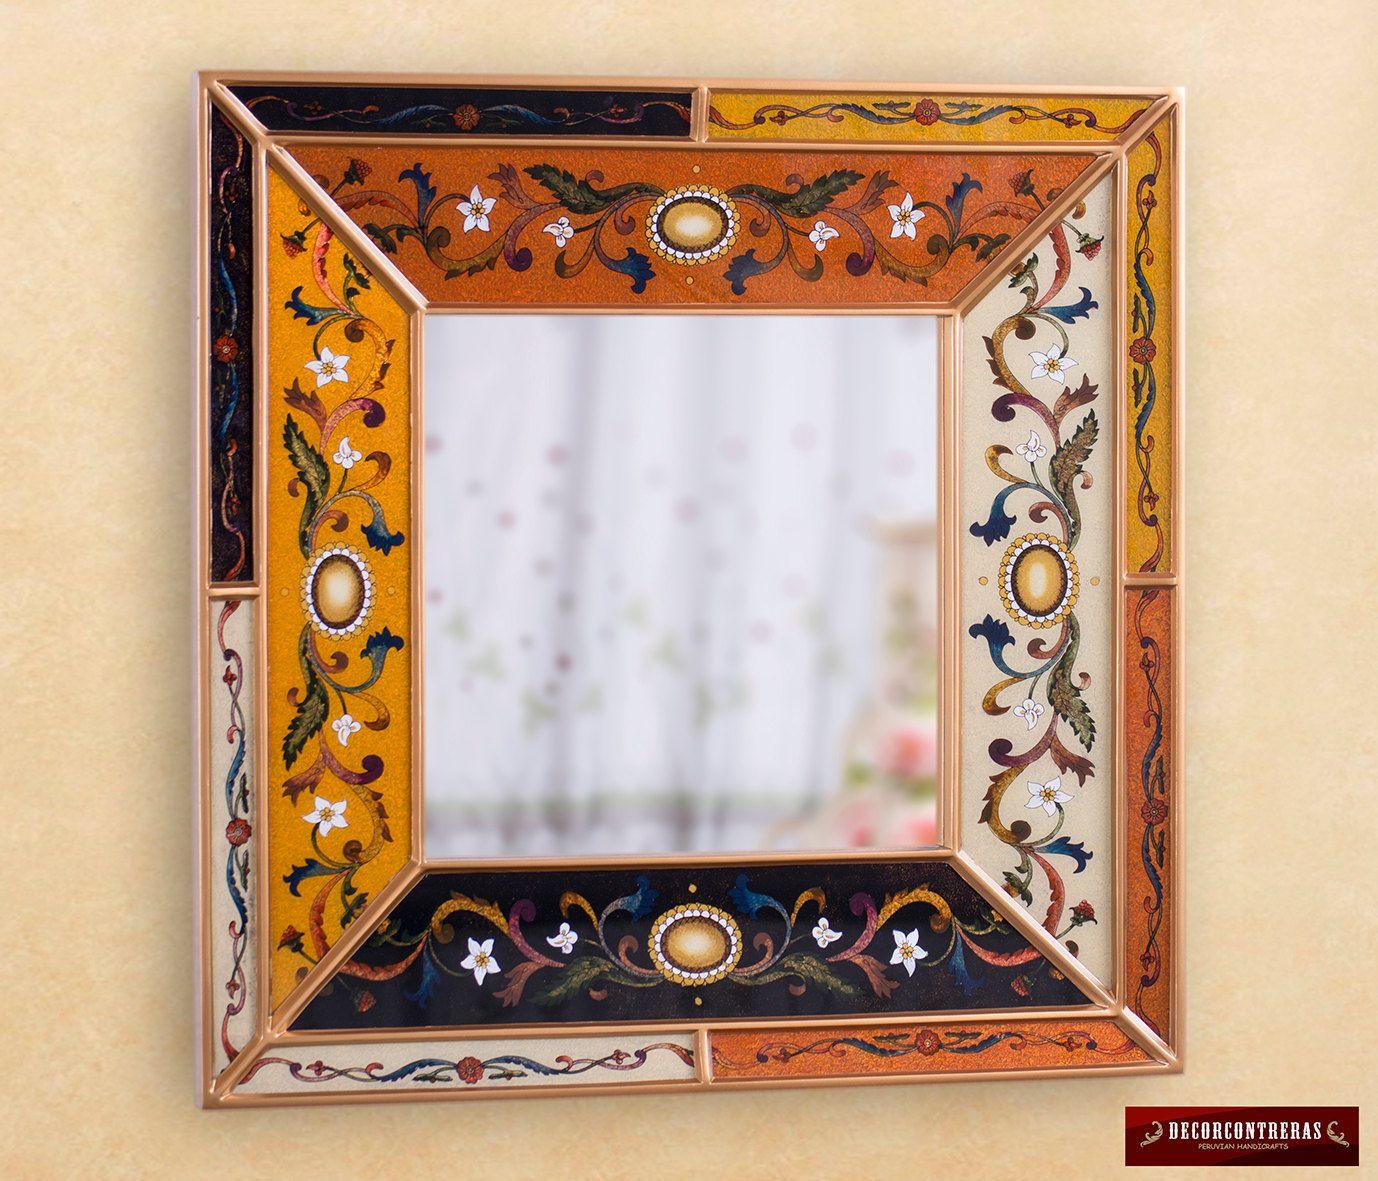 Square multicolor wall mirror decorative 23 6 ornate for Espejos decorativos cuadrados